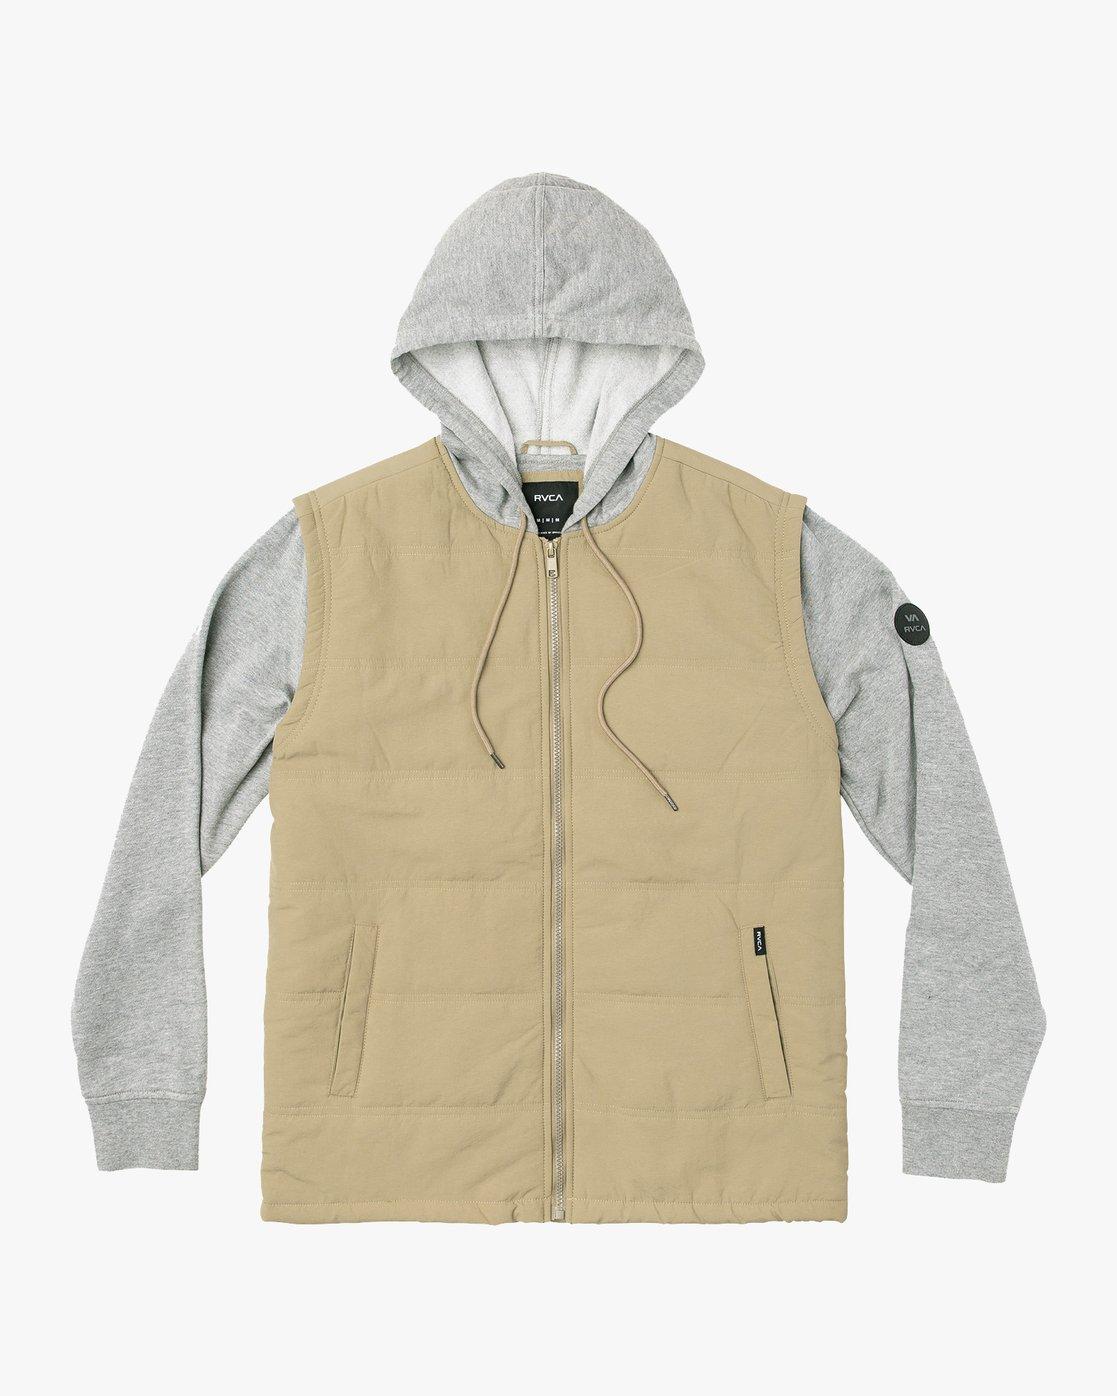 0 Logan Puffer Jacket Beige M610VRLG RVCA